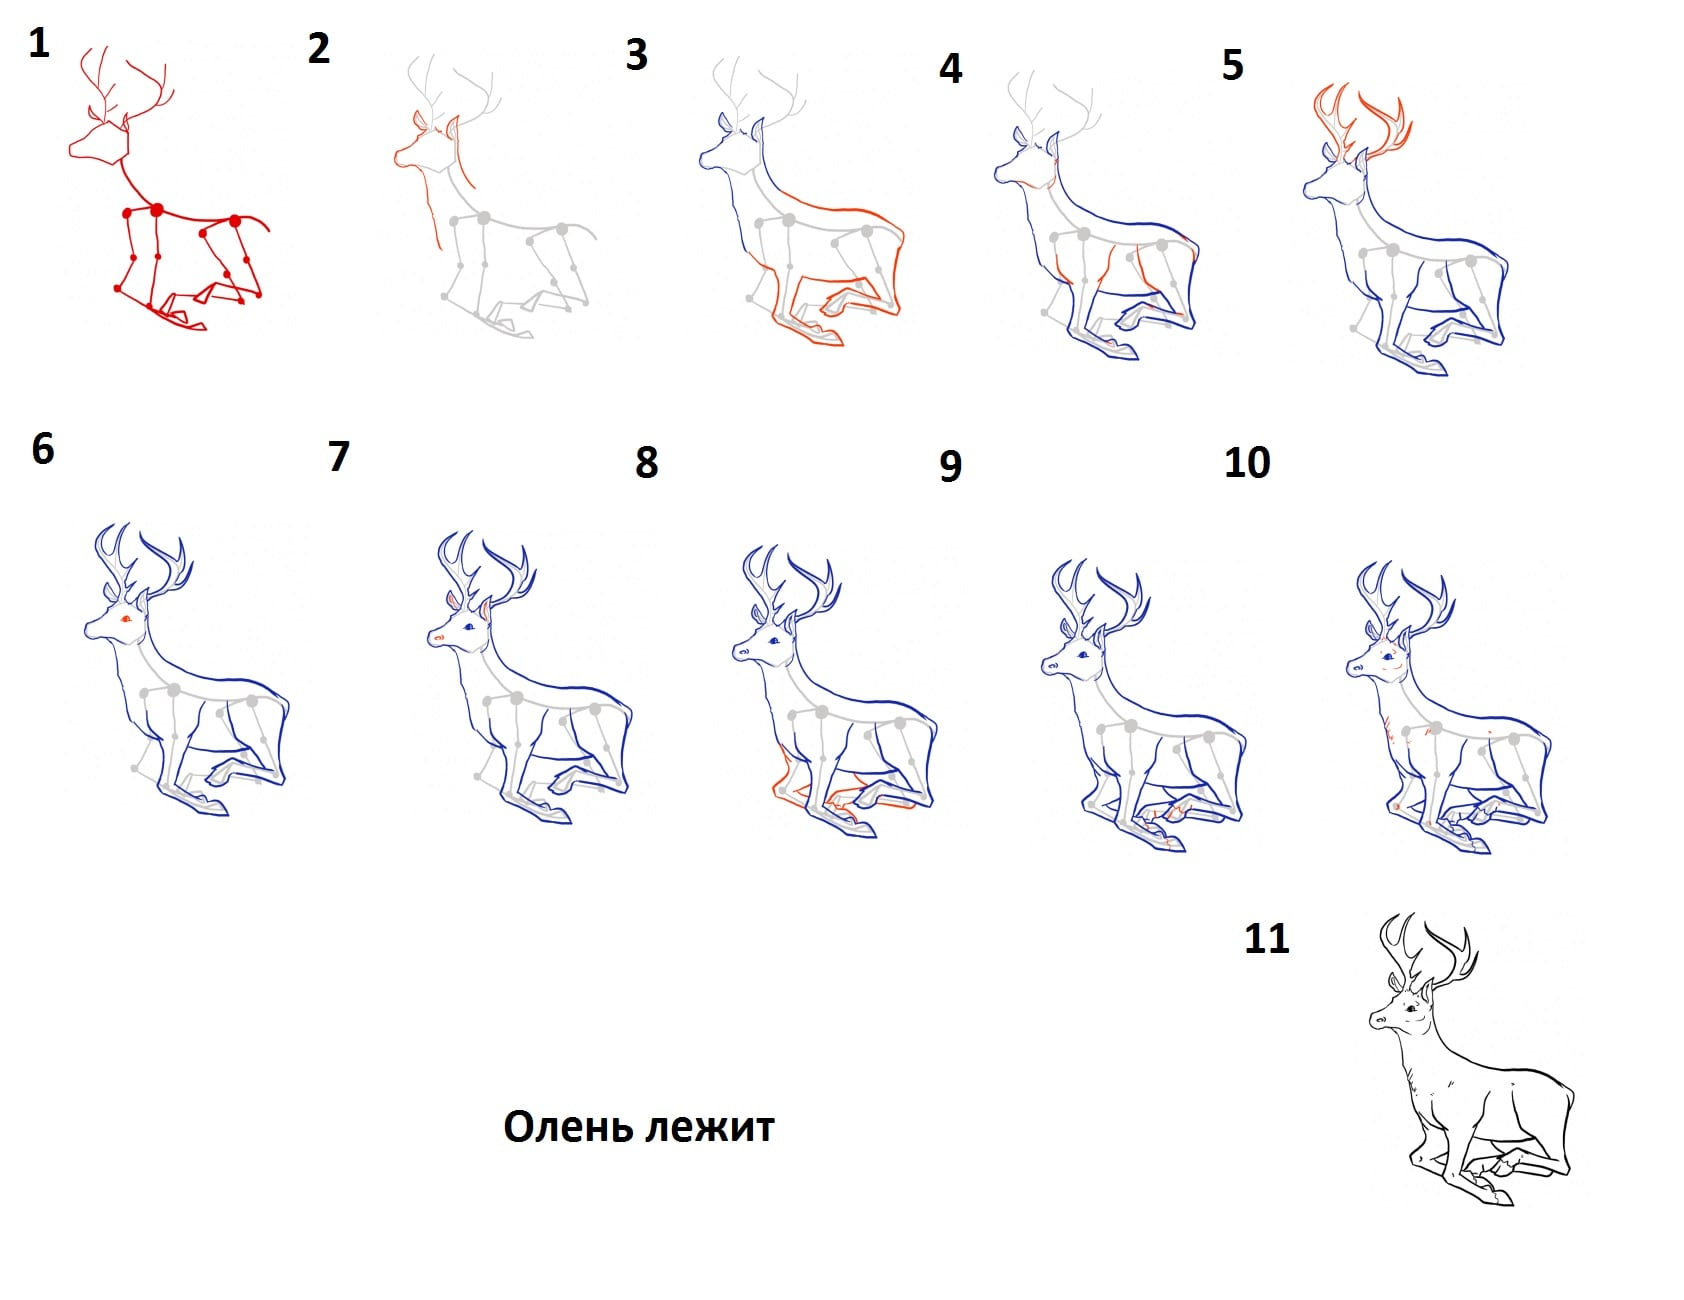 Как нарисовать лежащего оленя